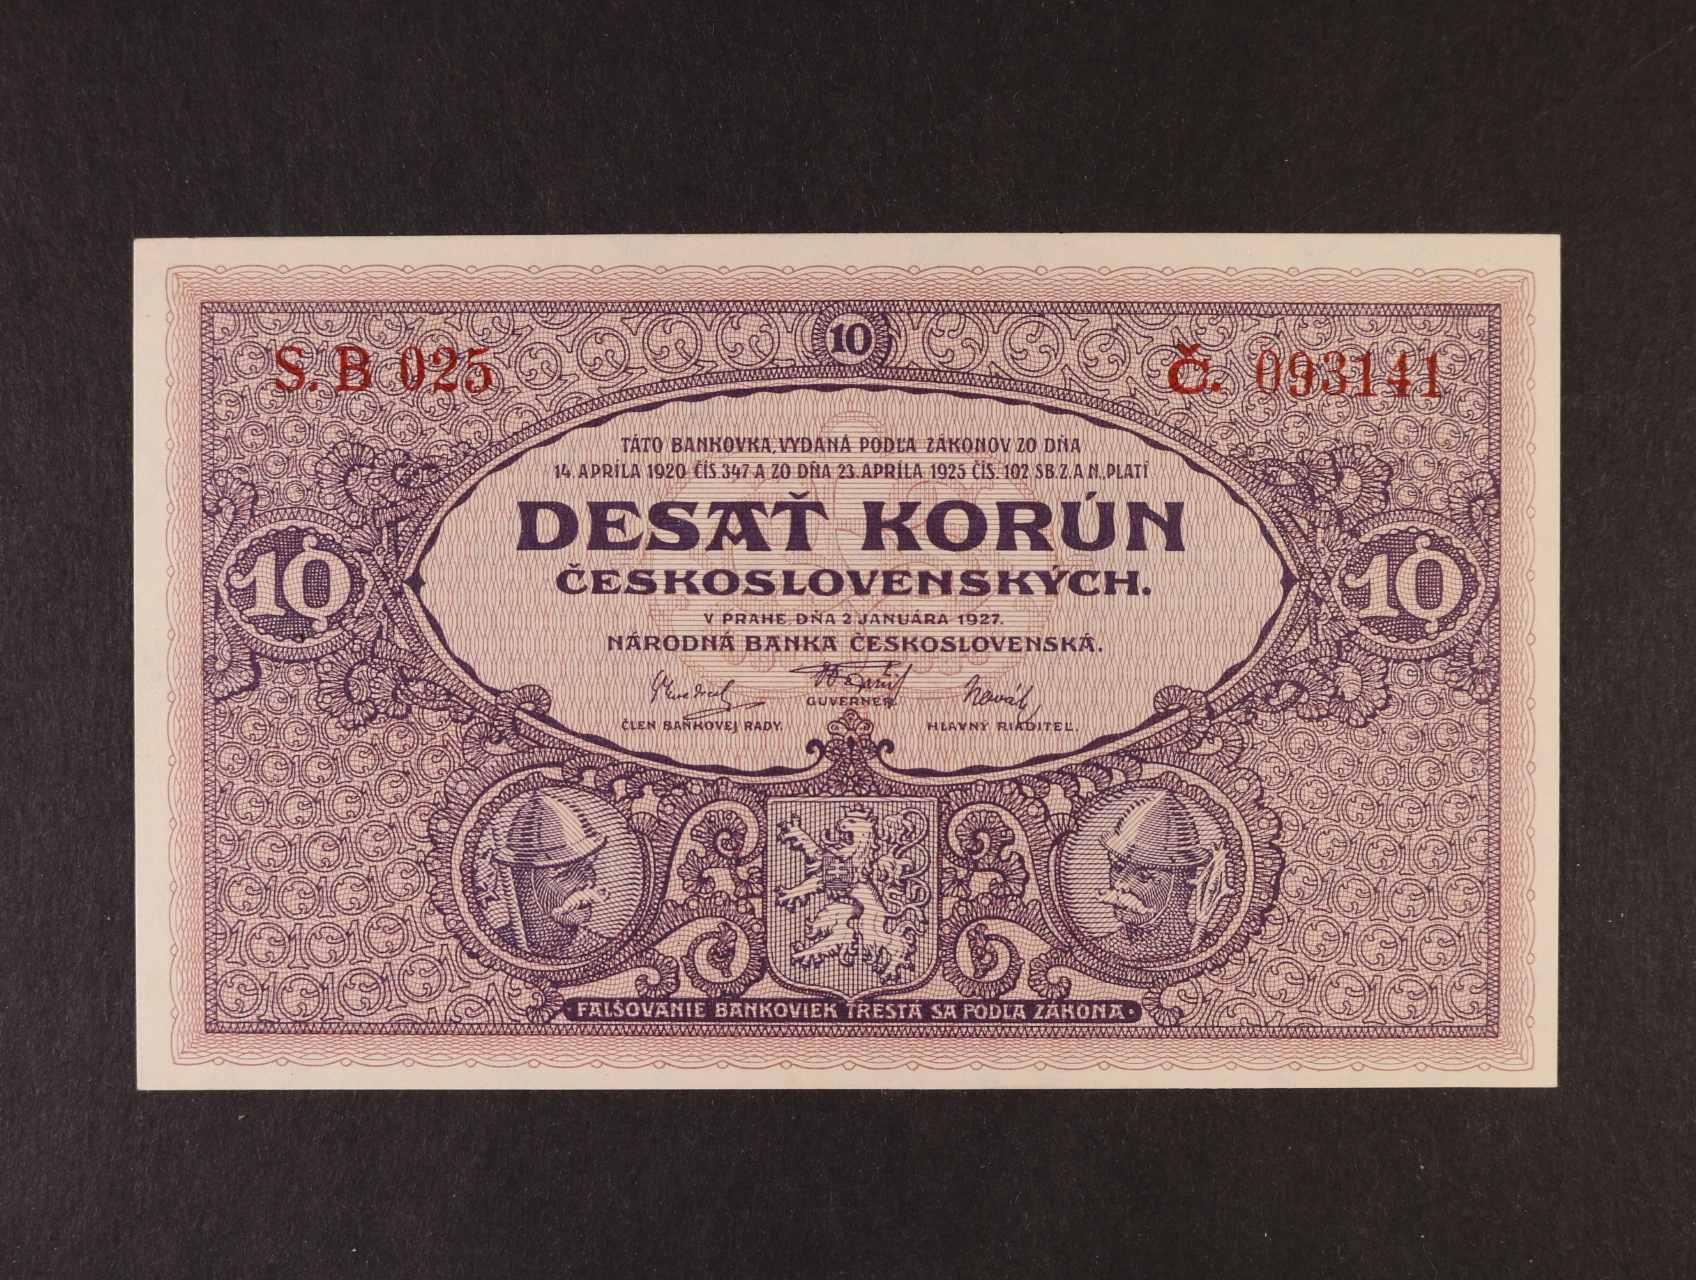 10 Kč 2.1.1927 série B 025, Ba. 22d, Pi. 20a